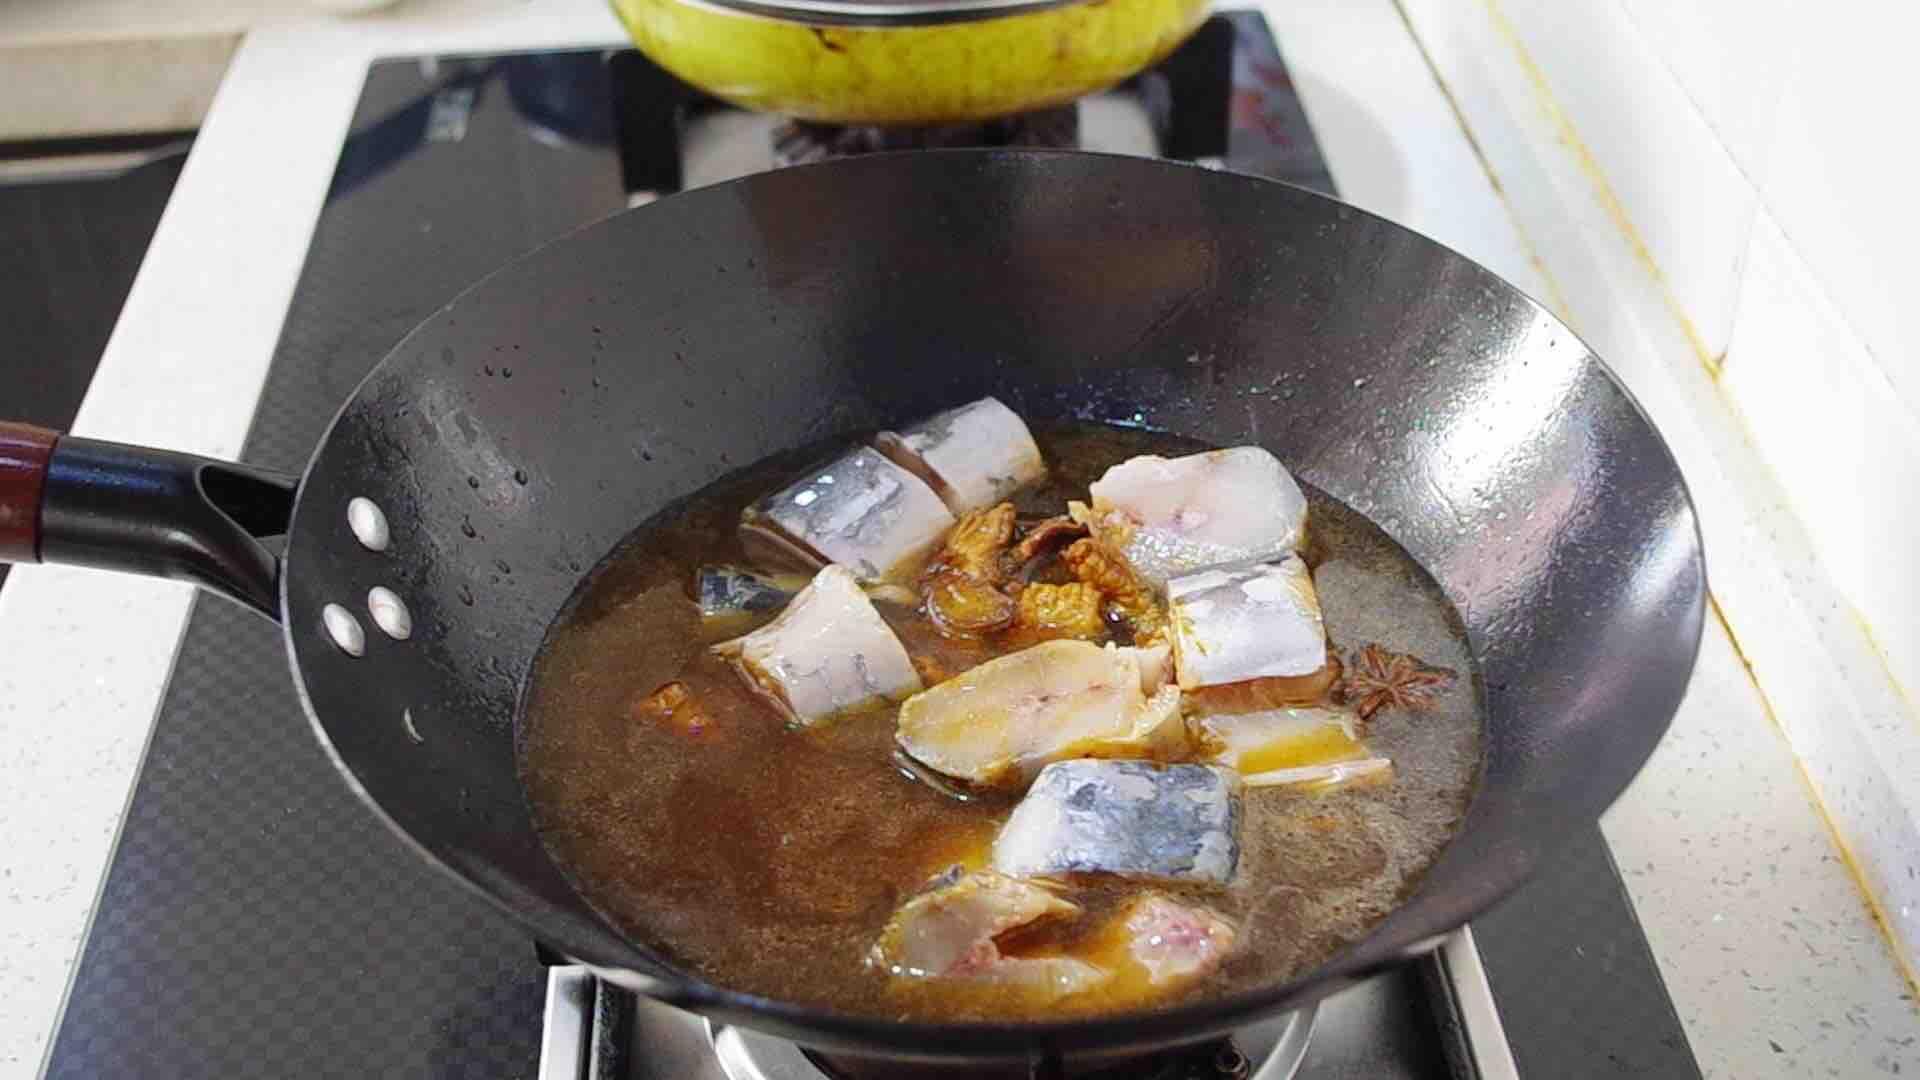 饭菜一锅出:小鲅鱼焖面怎么吃